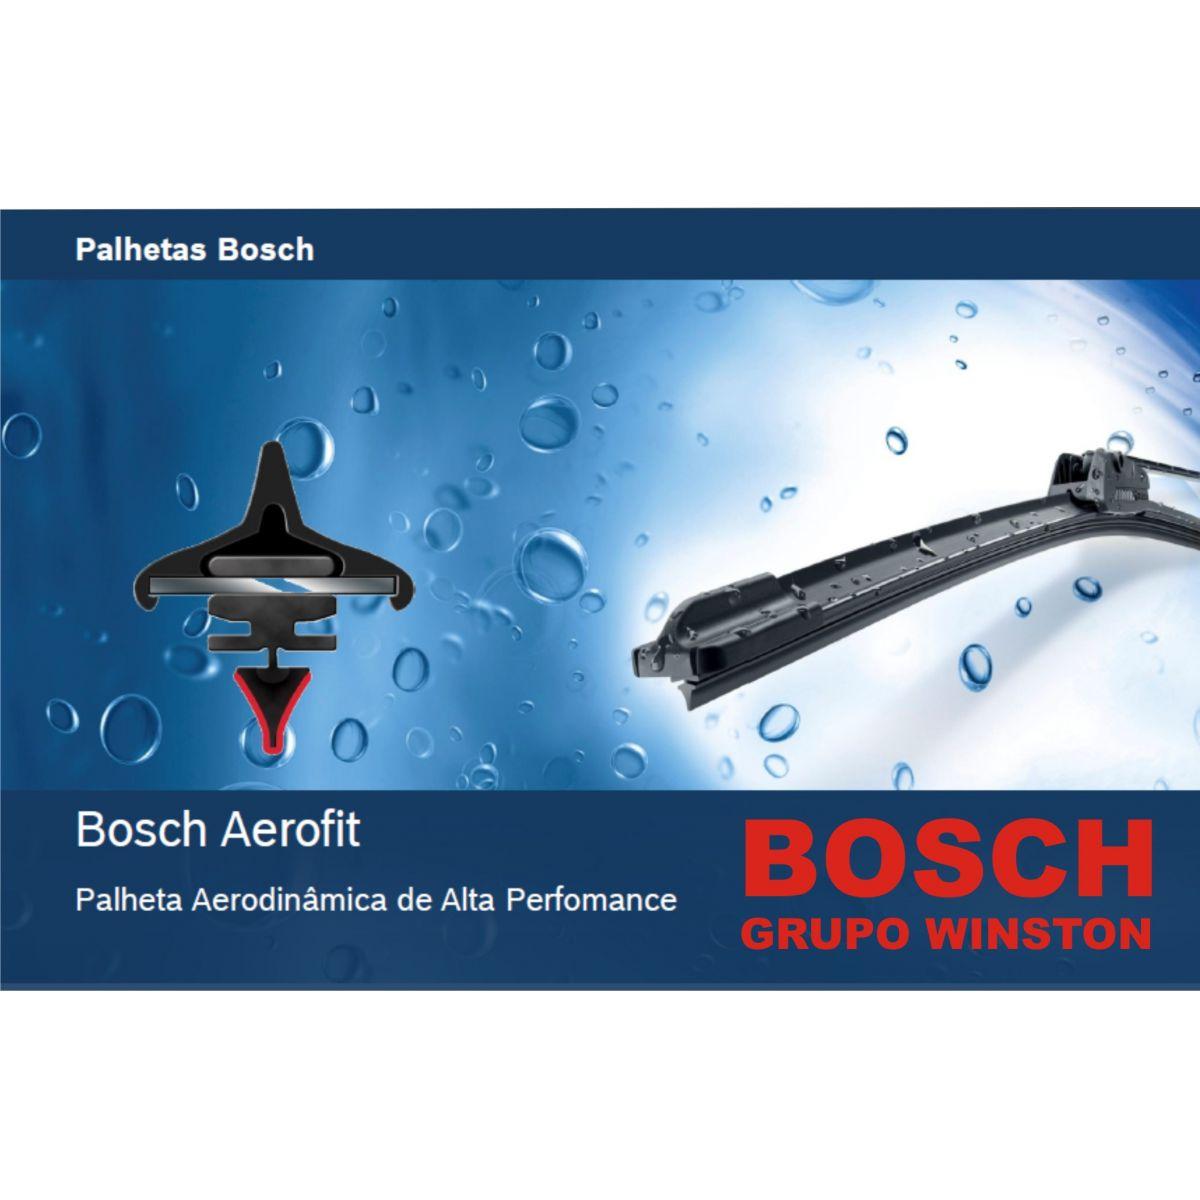 Palheta Bosch Aerofit Limpador de para brisa Bosch MITSUBISHI 3000 GT